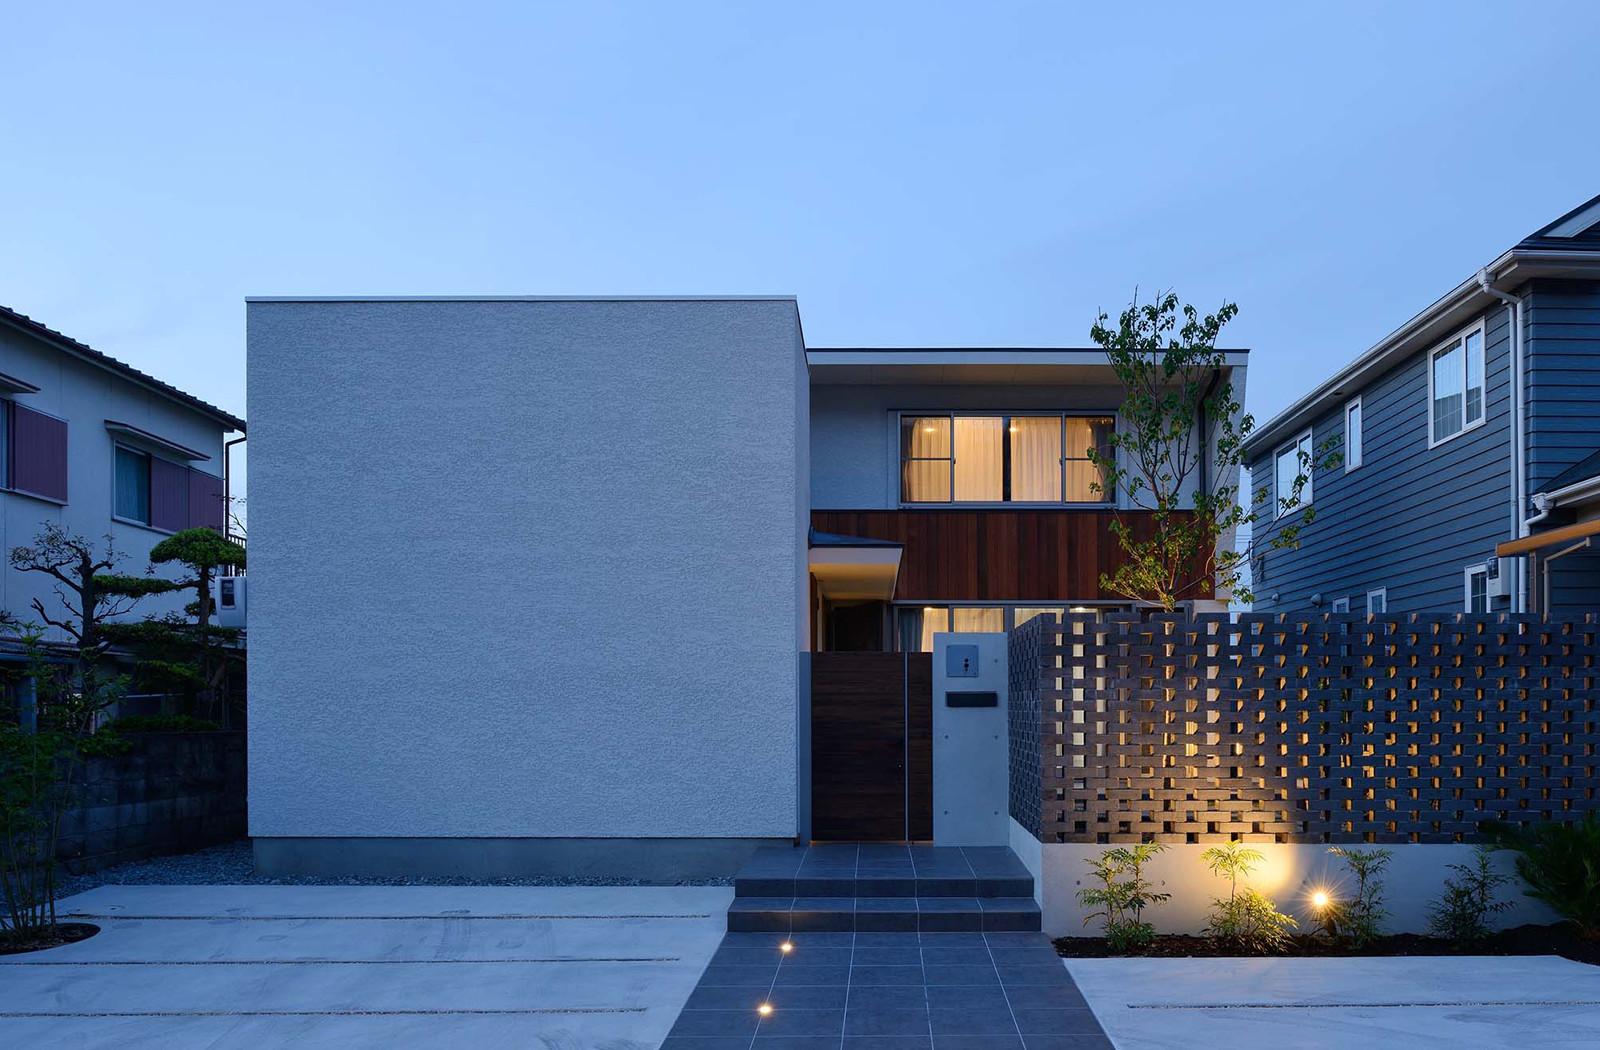 京都を拠点に住宅設計を行う建築設計事務所・内田建築設計室